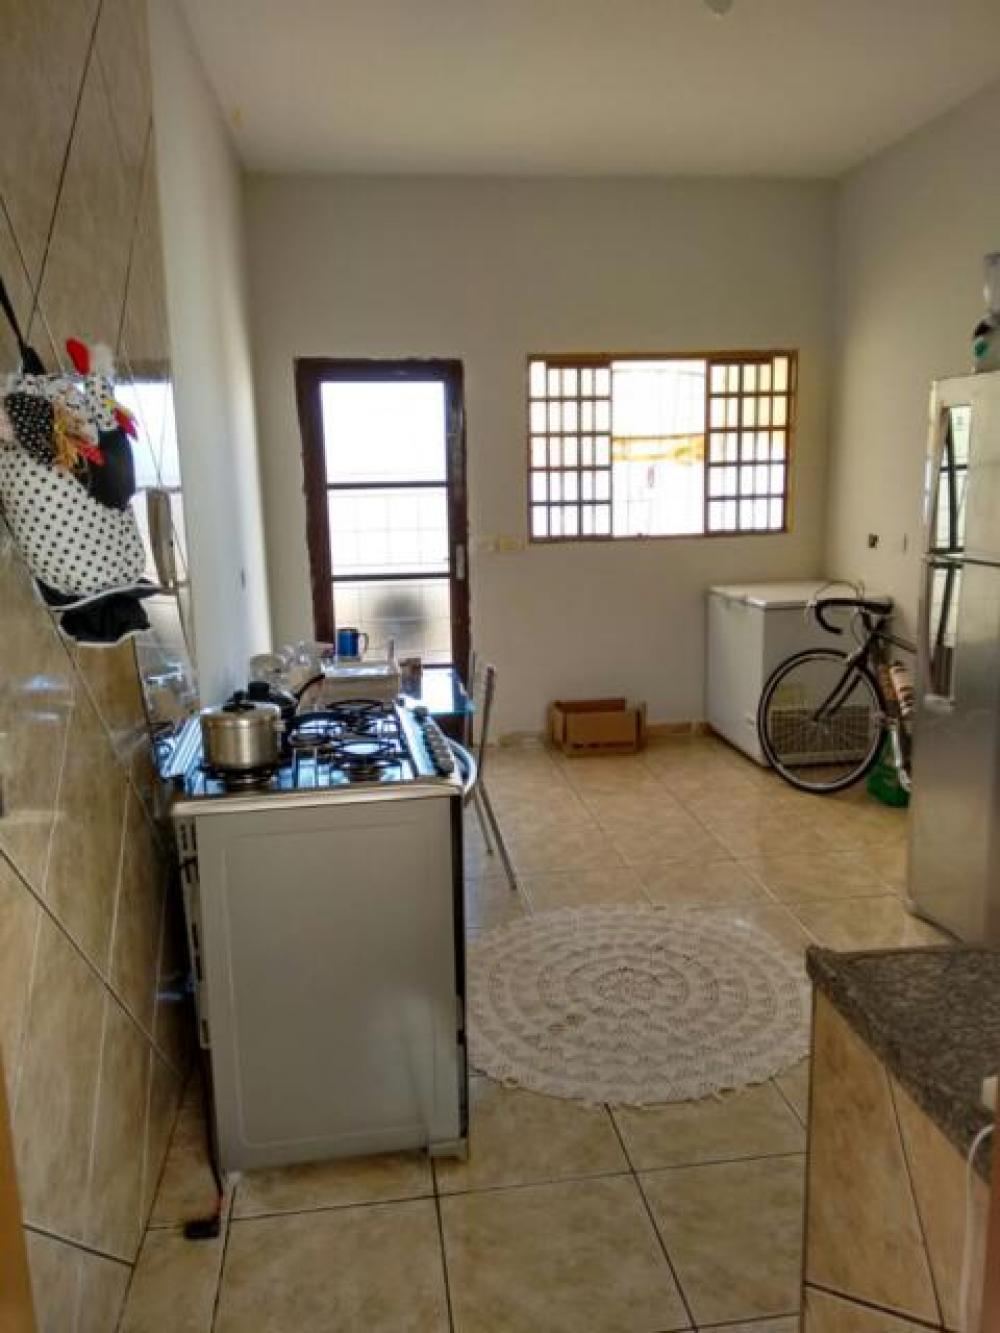 Comprar Casa / Padrão em Mirassol apenas R$ 280.000,00 - Foto 15